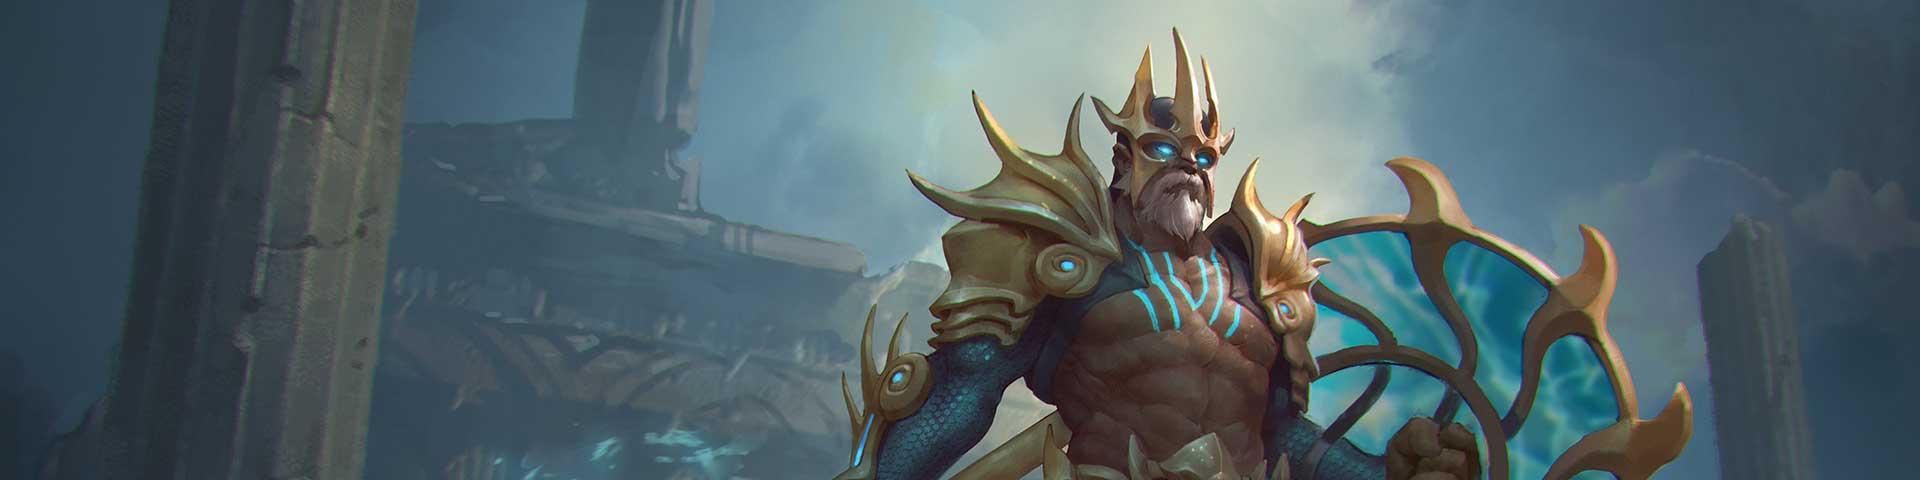 preview-Poseidon-Lance